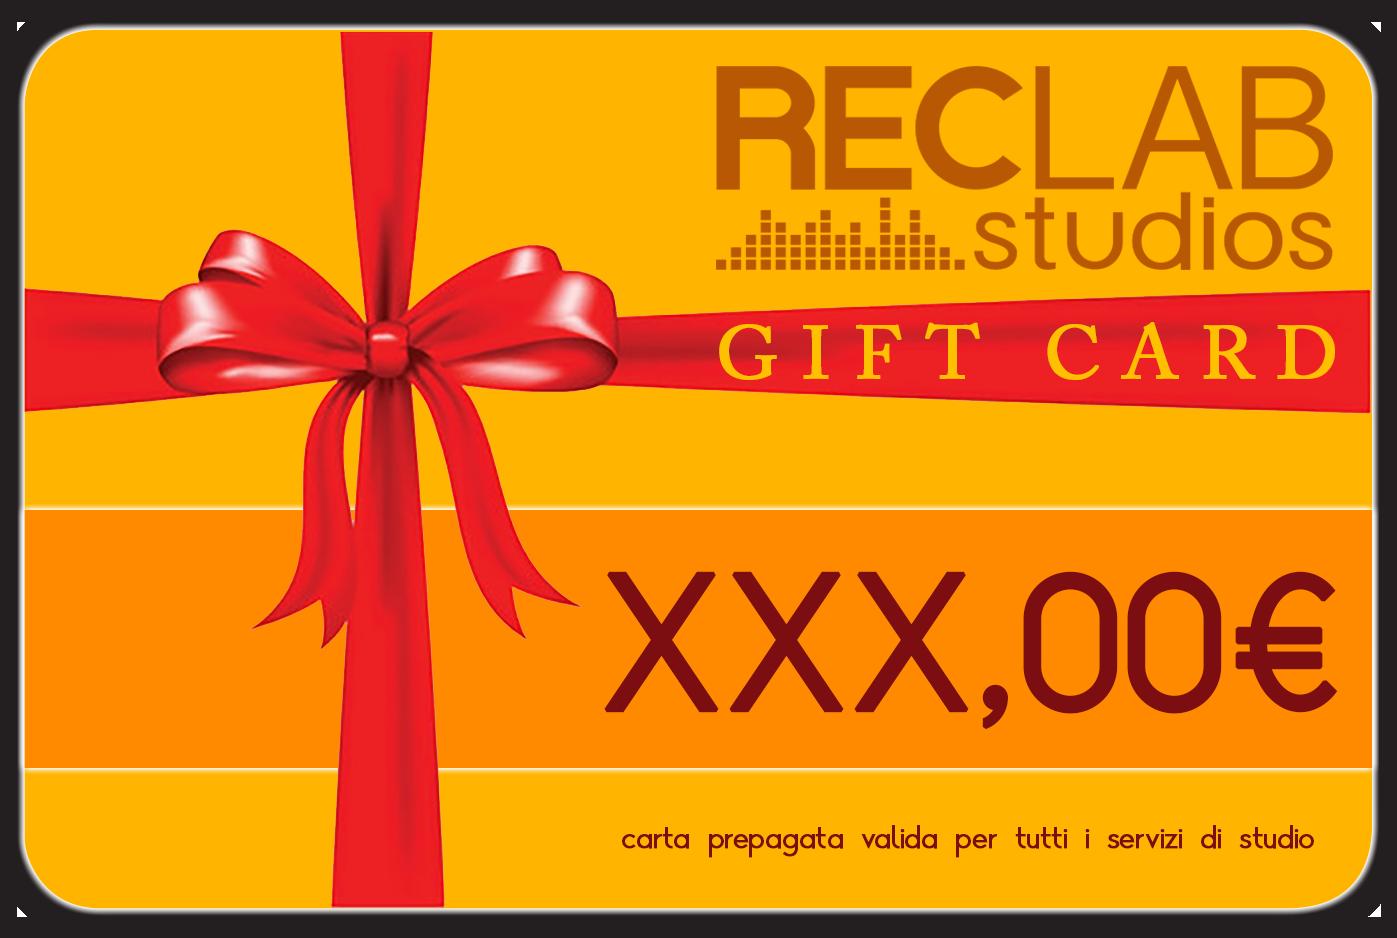 RecLab Studios